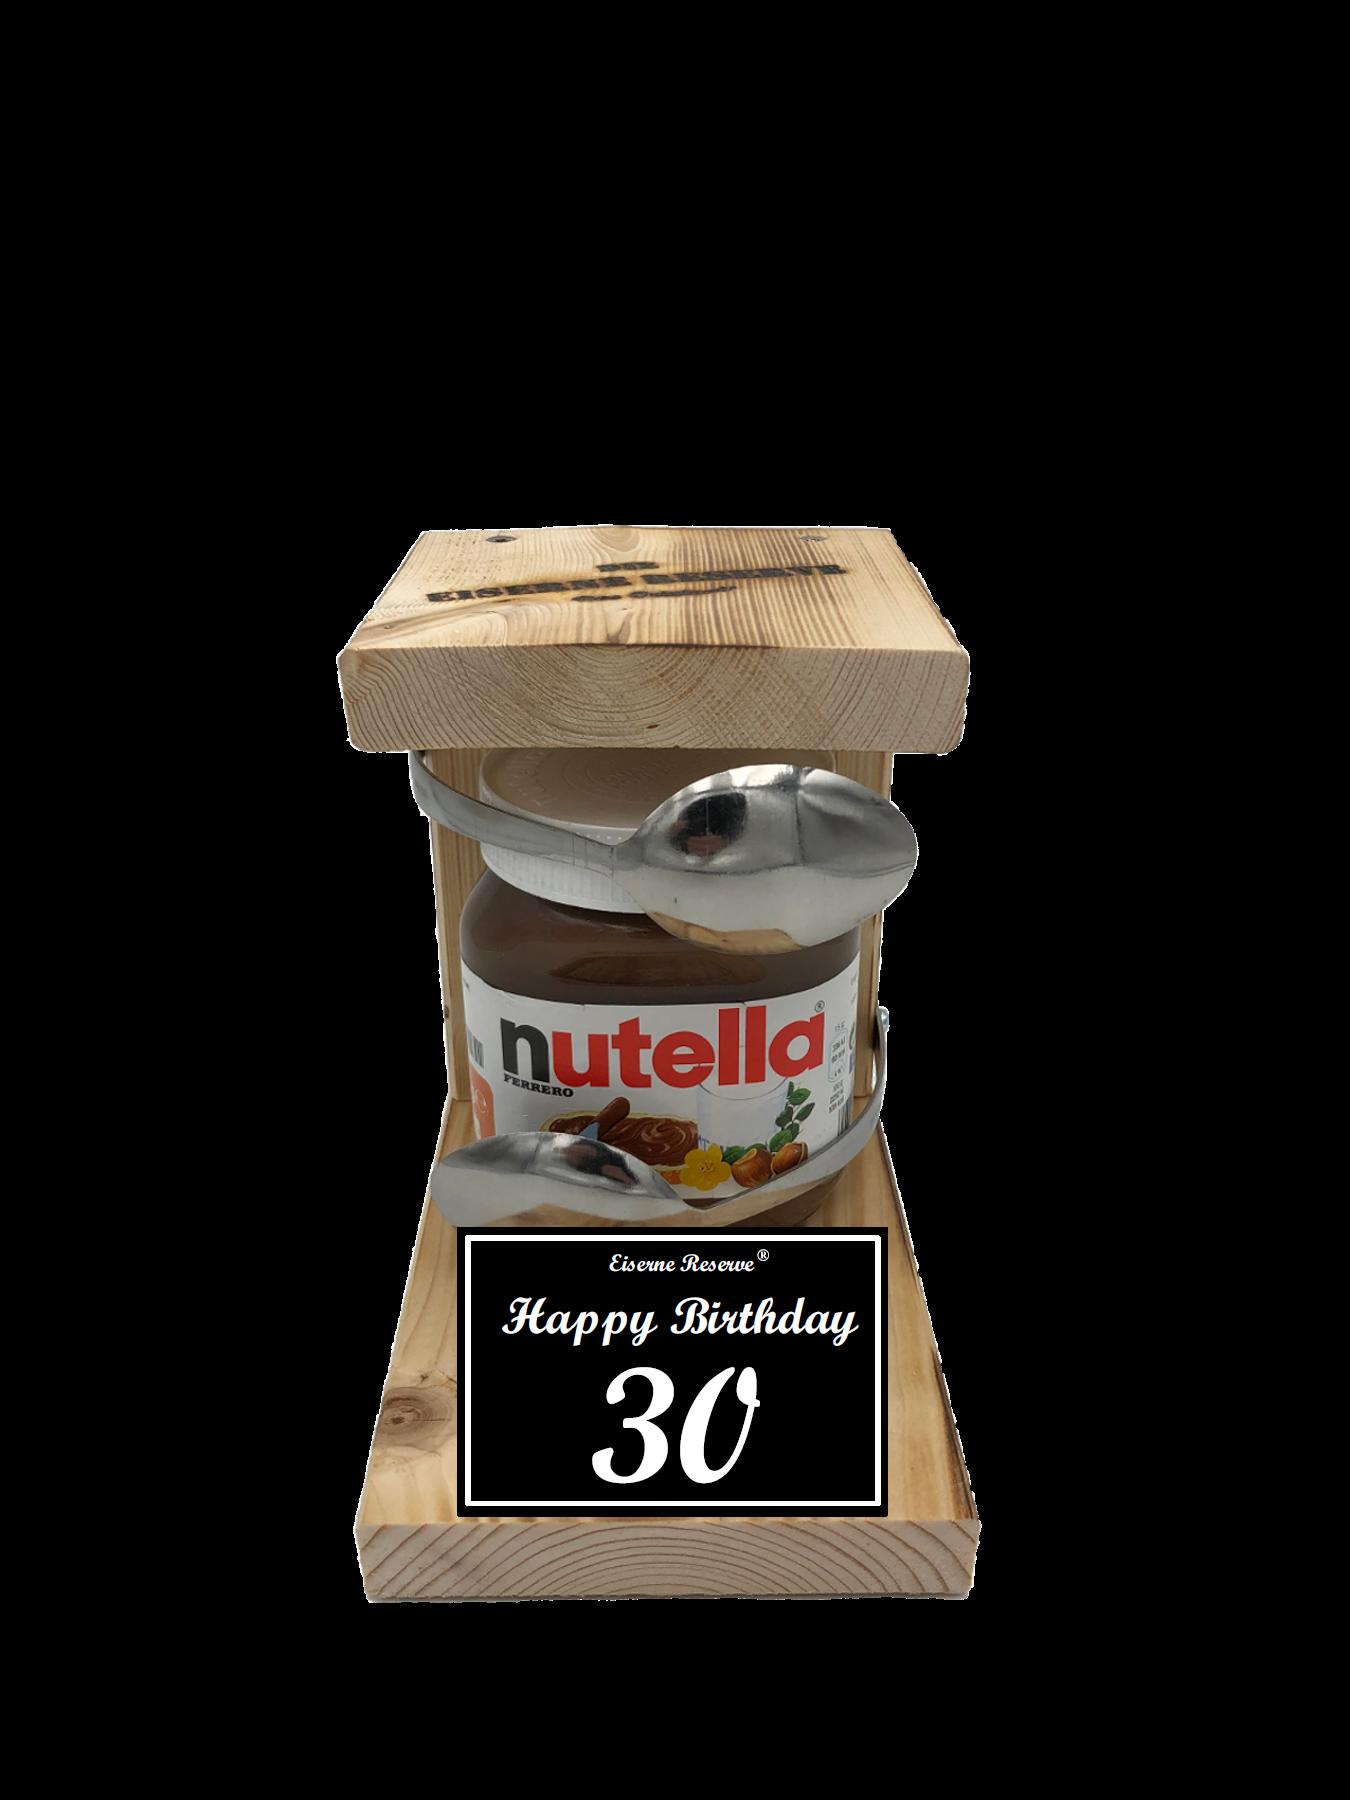 30 Happy Birthday Löffel Nutella Geschenk - Die Nutella Geschenkidee